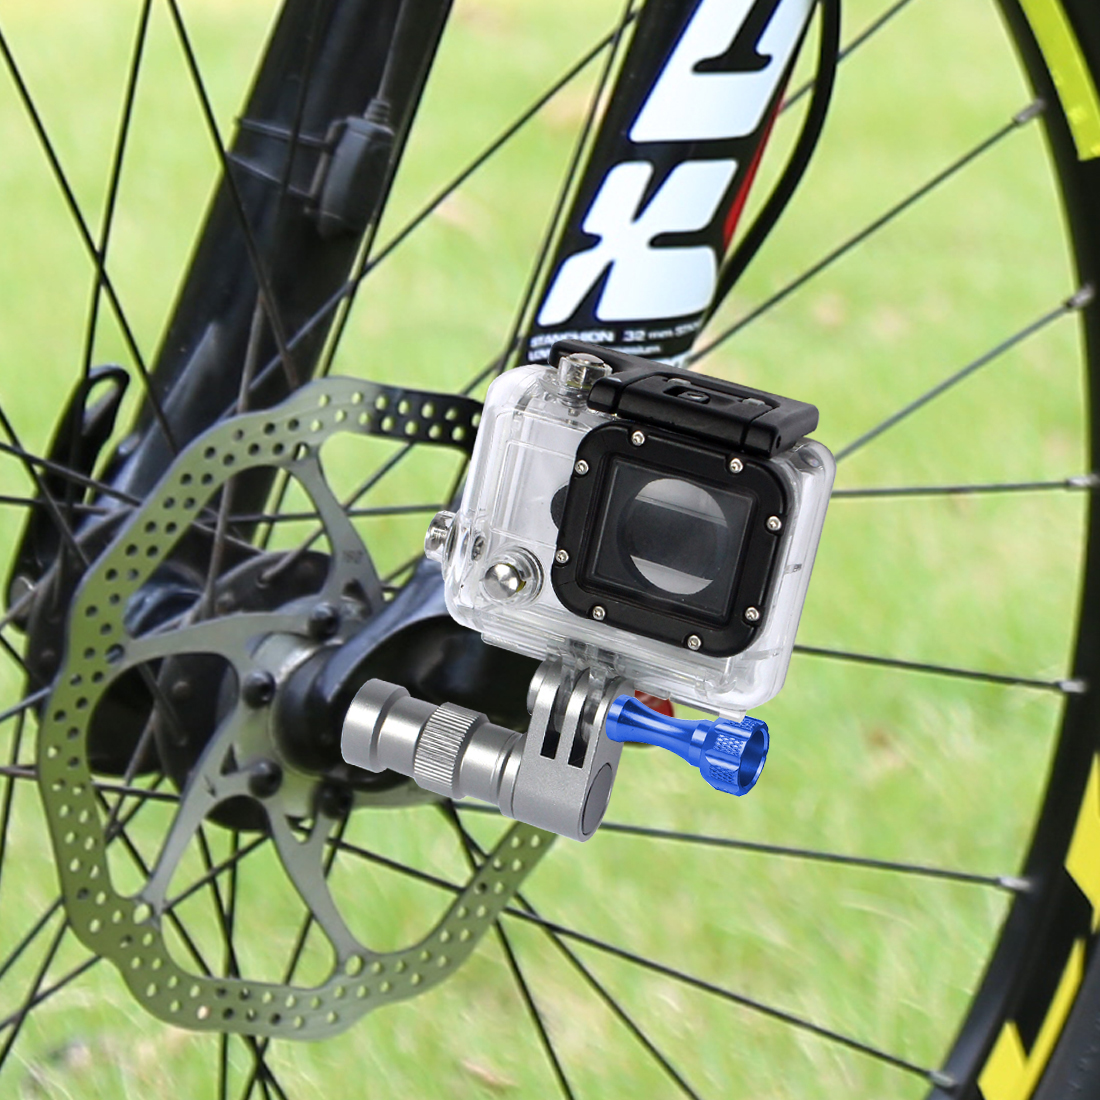 BGNING-Soporte de rueda para cámara de bicicleta, portátil, con eje fijo para GoPro Hero 8 7 6 5 4 3 cámara de acción deportiva